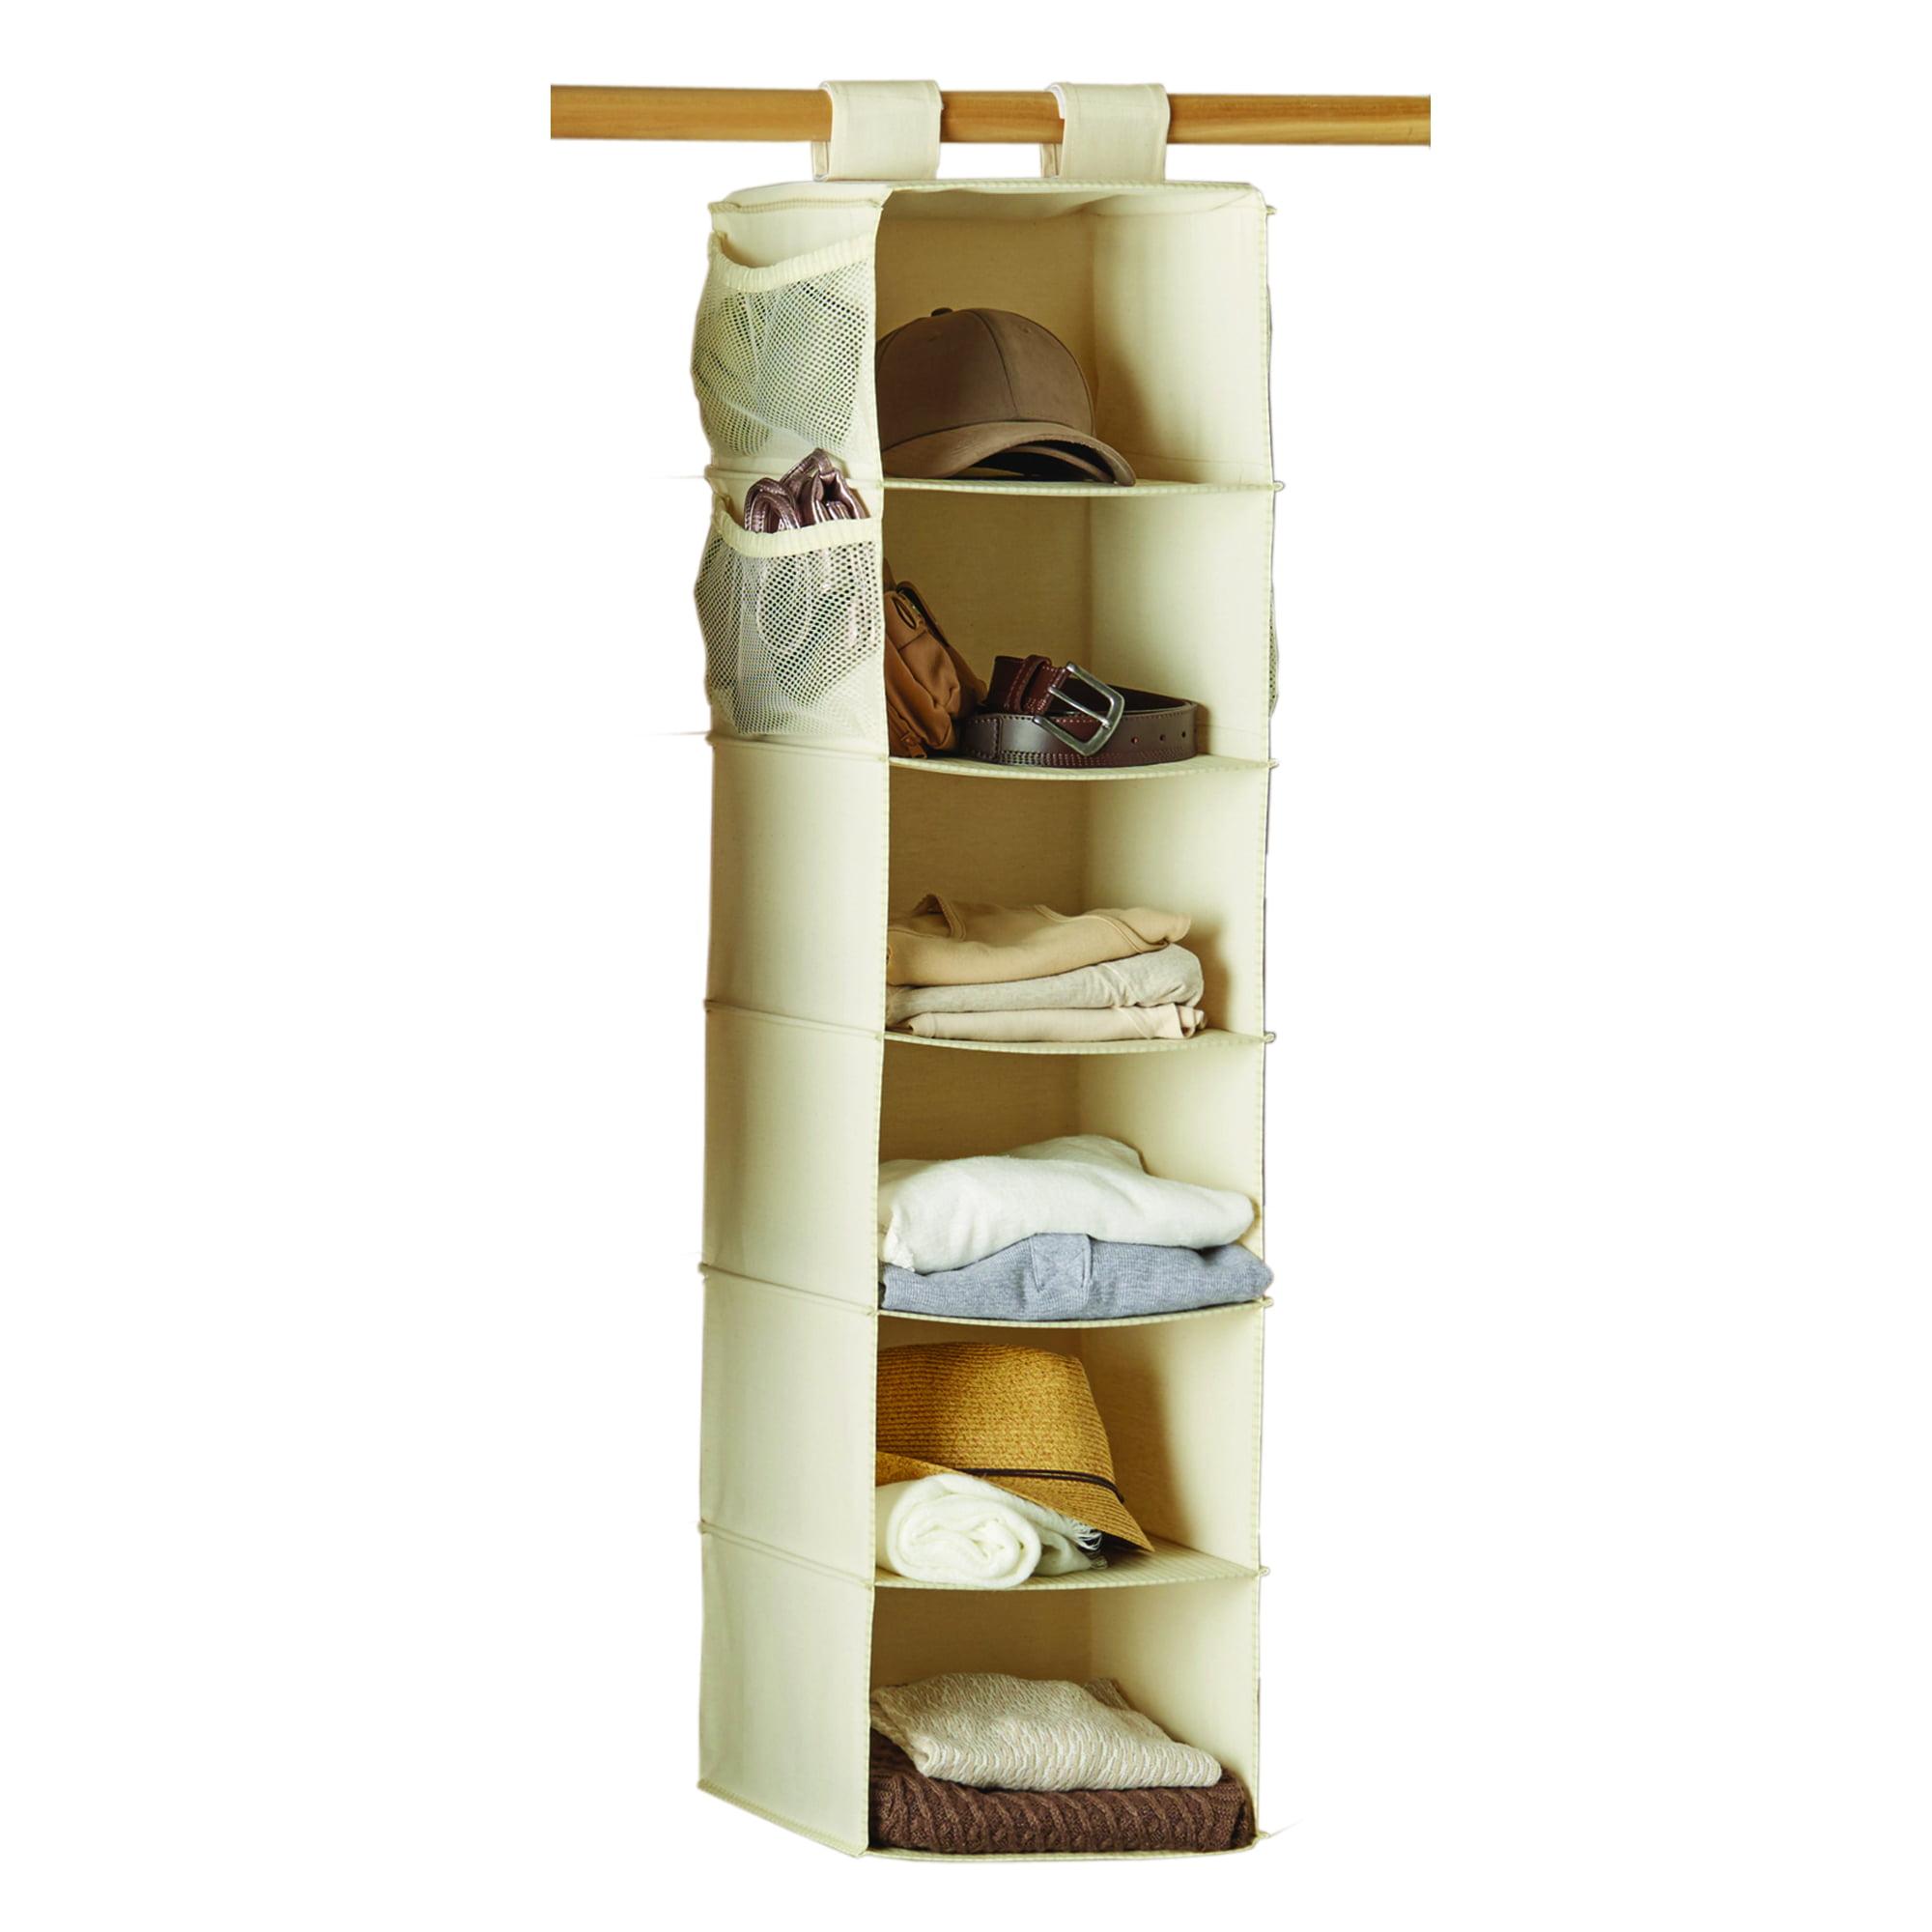 Mainstays 6 Shelf Canvas Closet Organizer